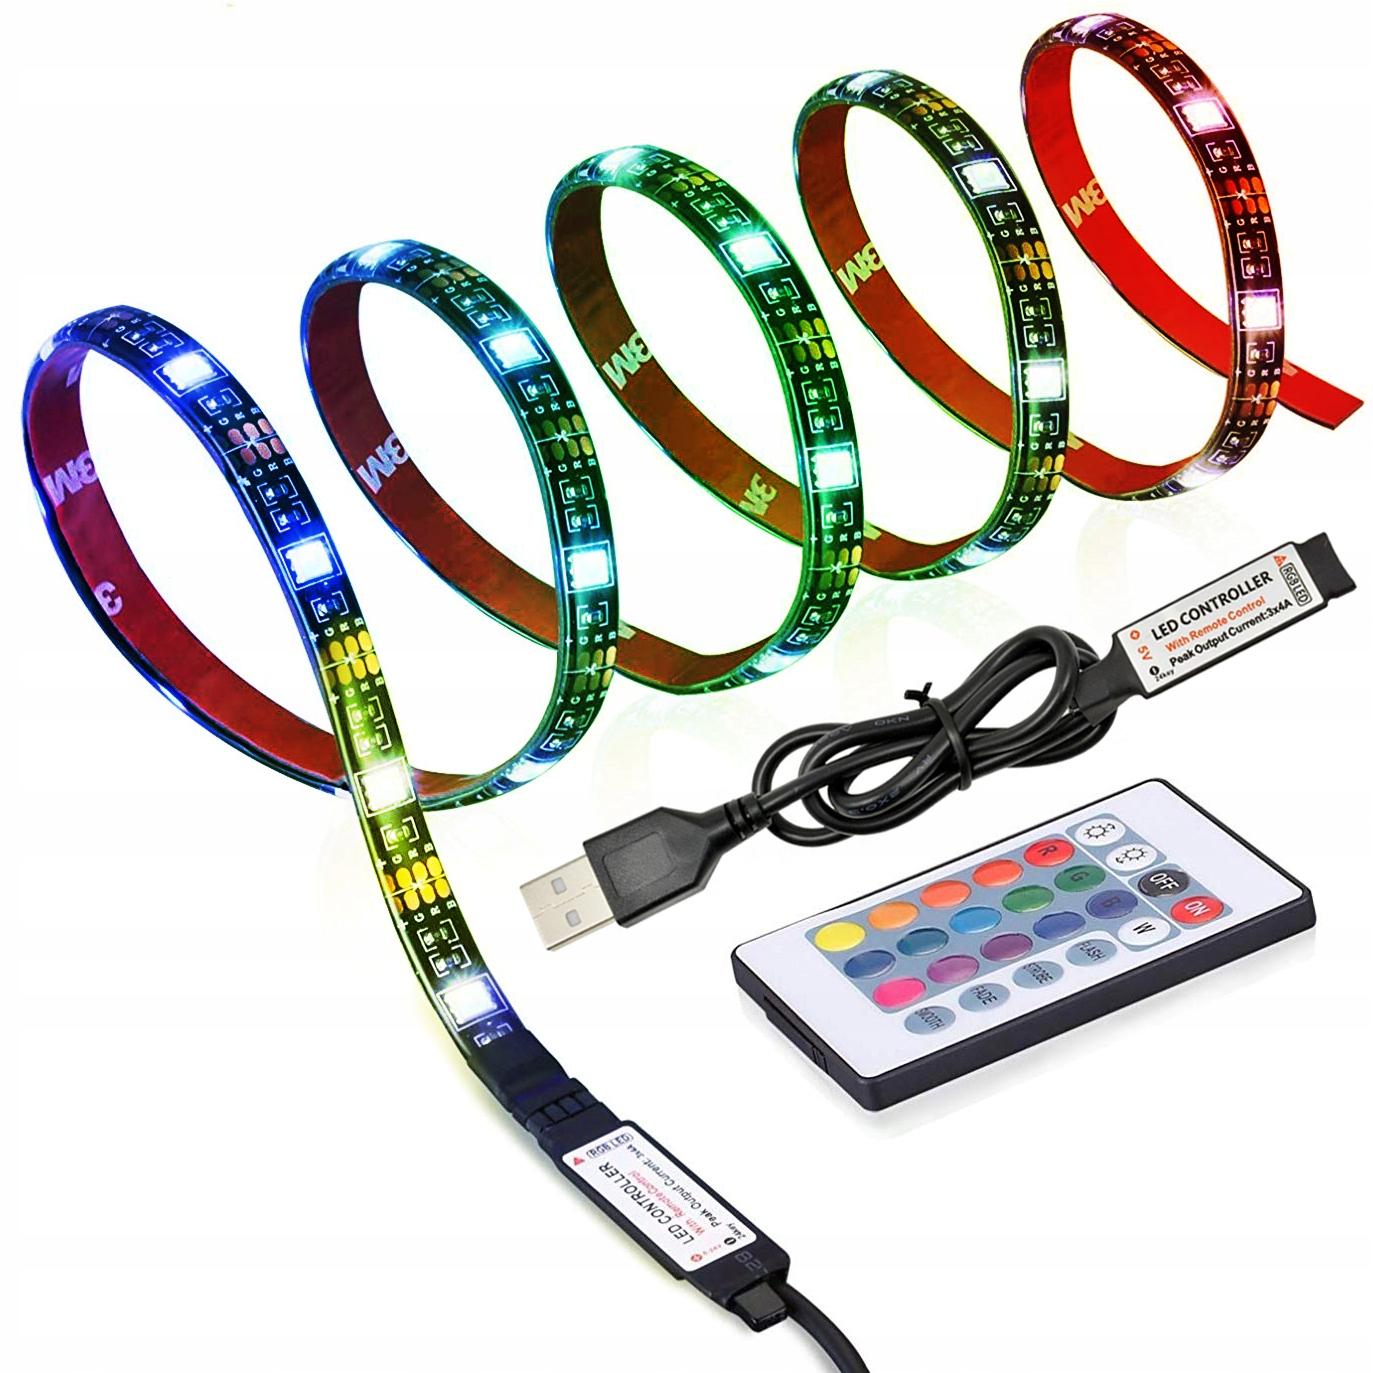 Светодиодная лента RGB с подсветкой 4x 50см USB PILOT TV